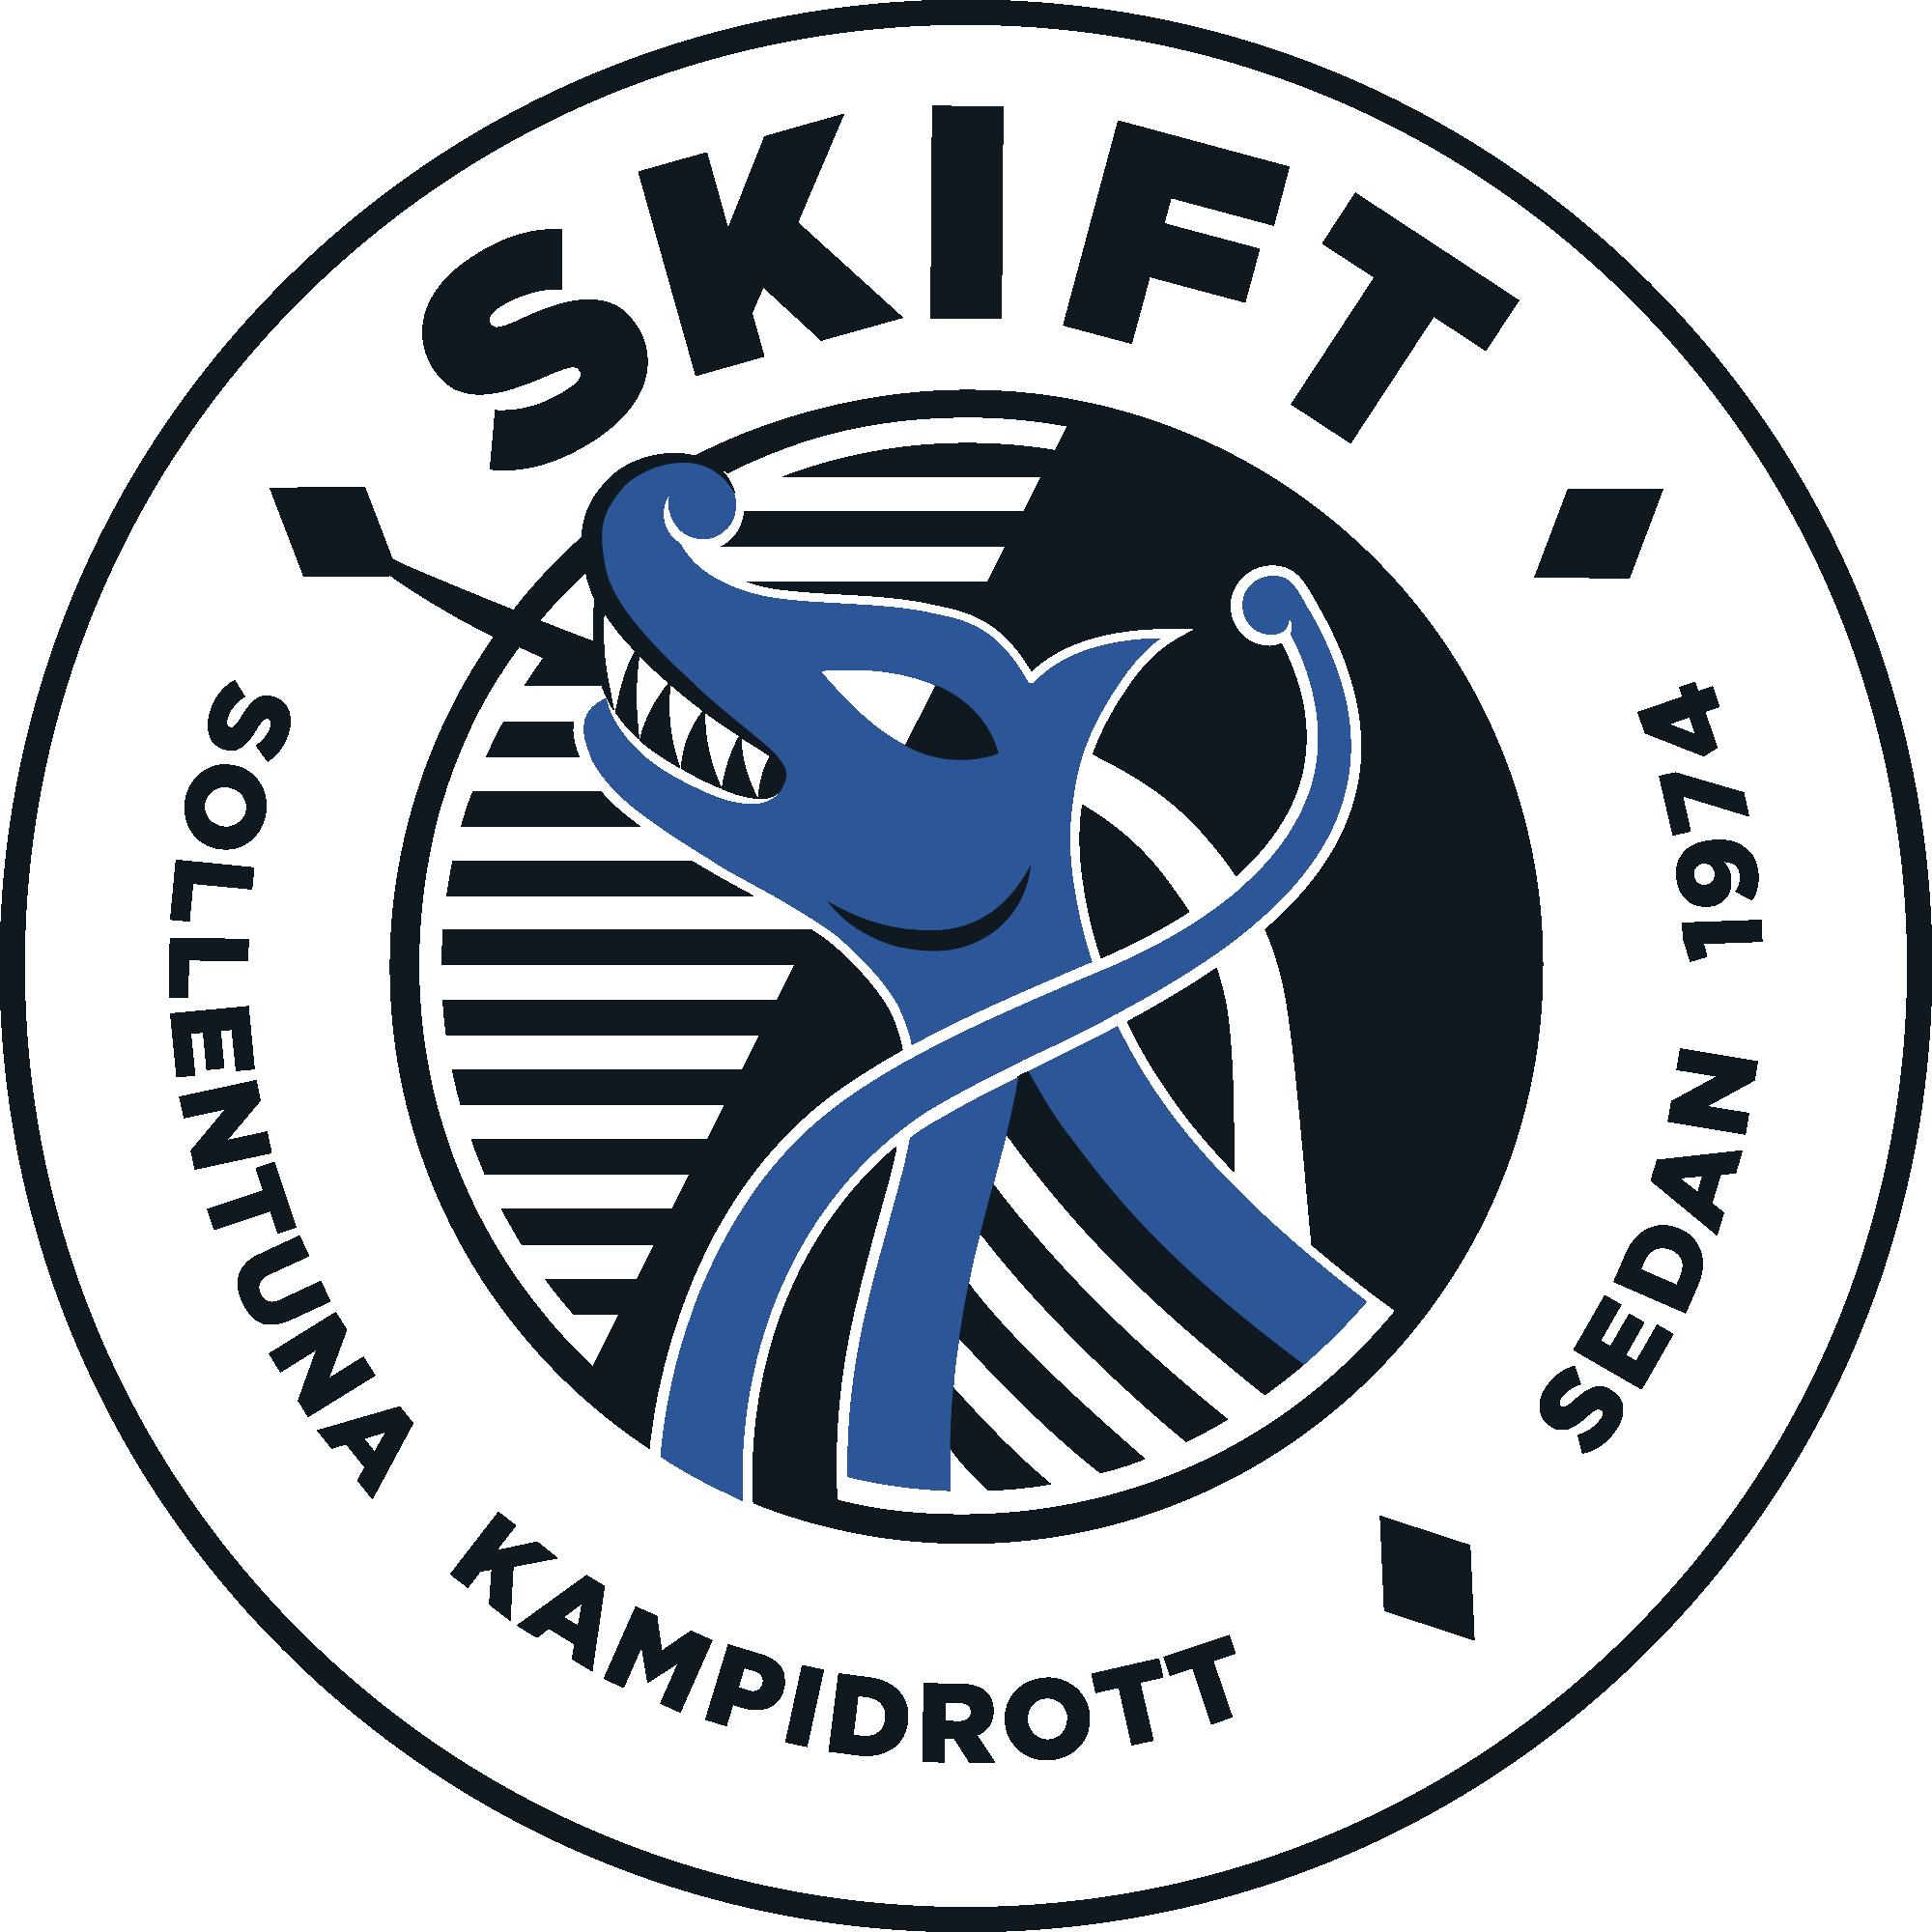 SKIFT – Sollentuna kampidrottsförening